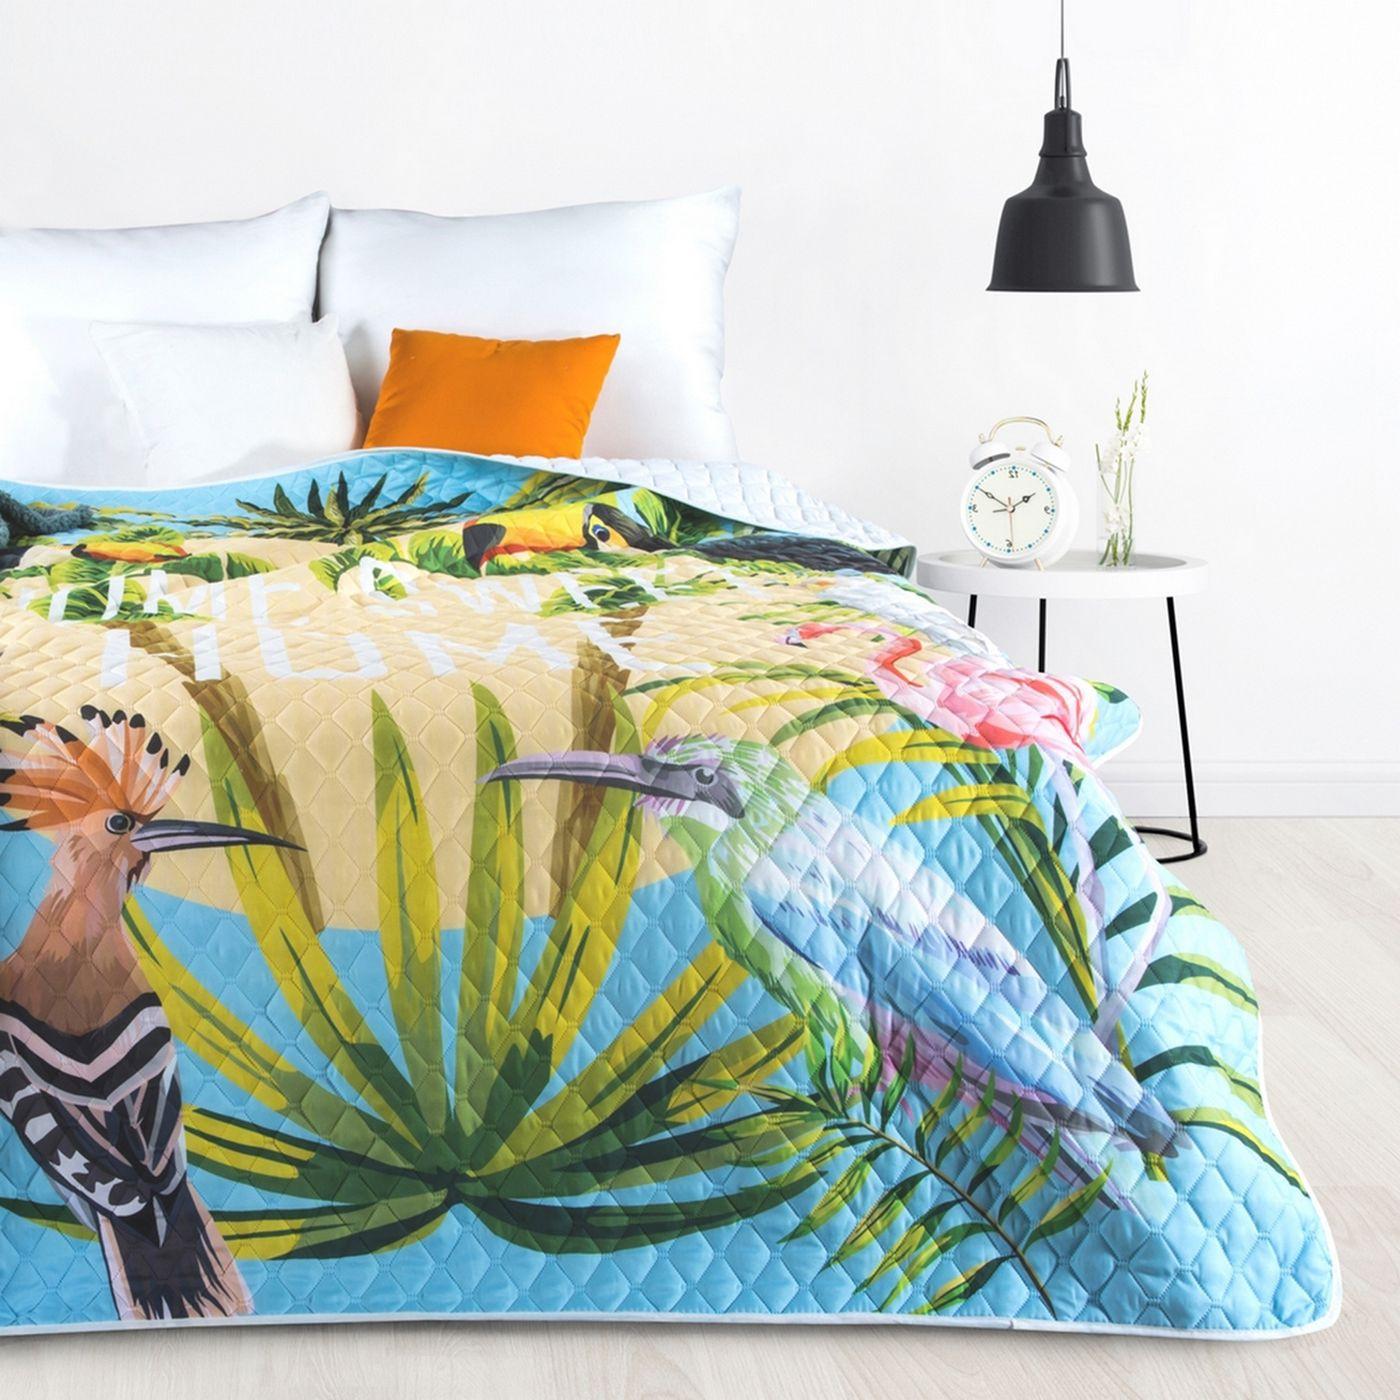 BIRDS pikowana narzuta na łóżko motyw ptaków 200x220 cm Design91